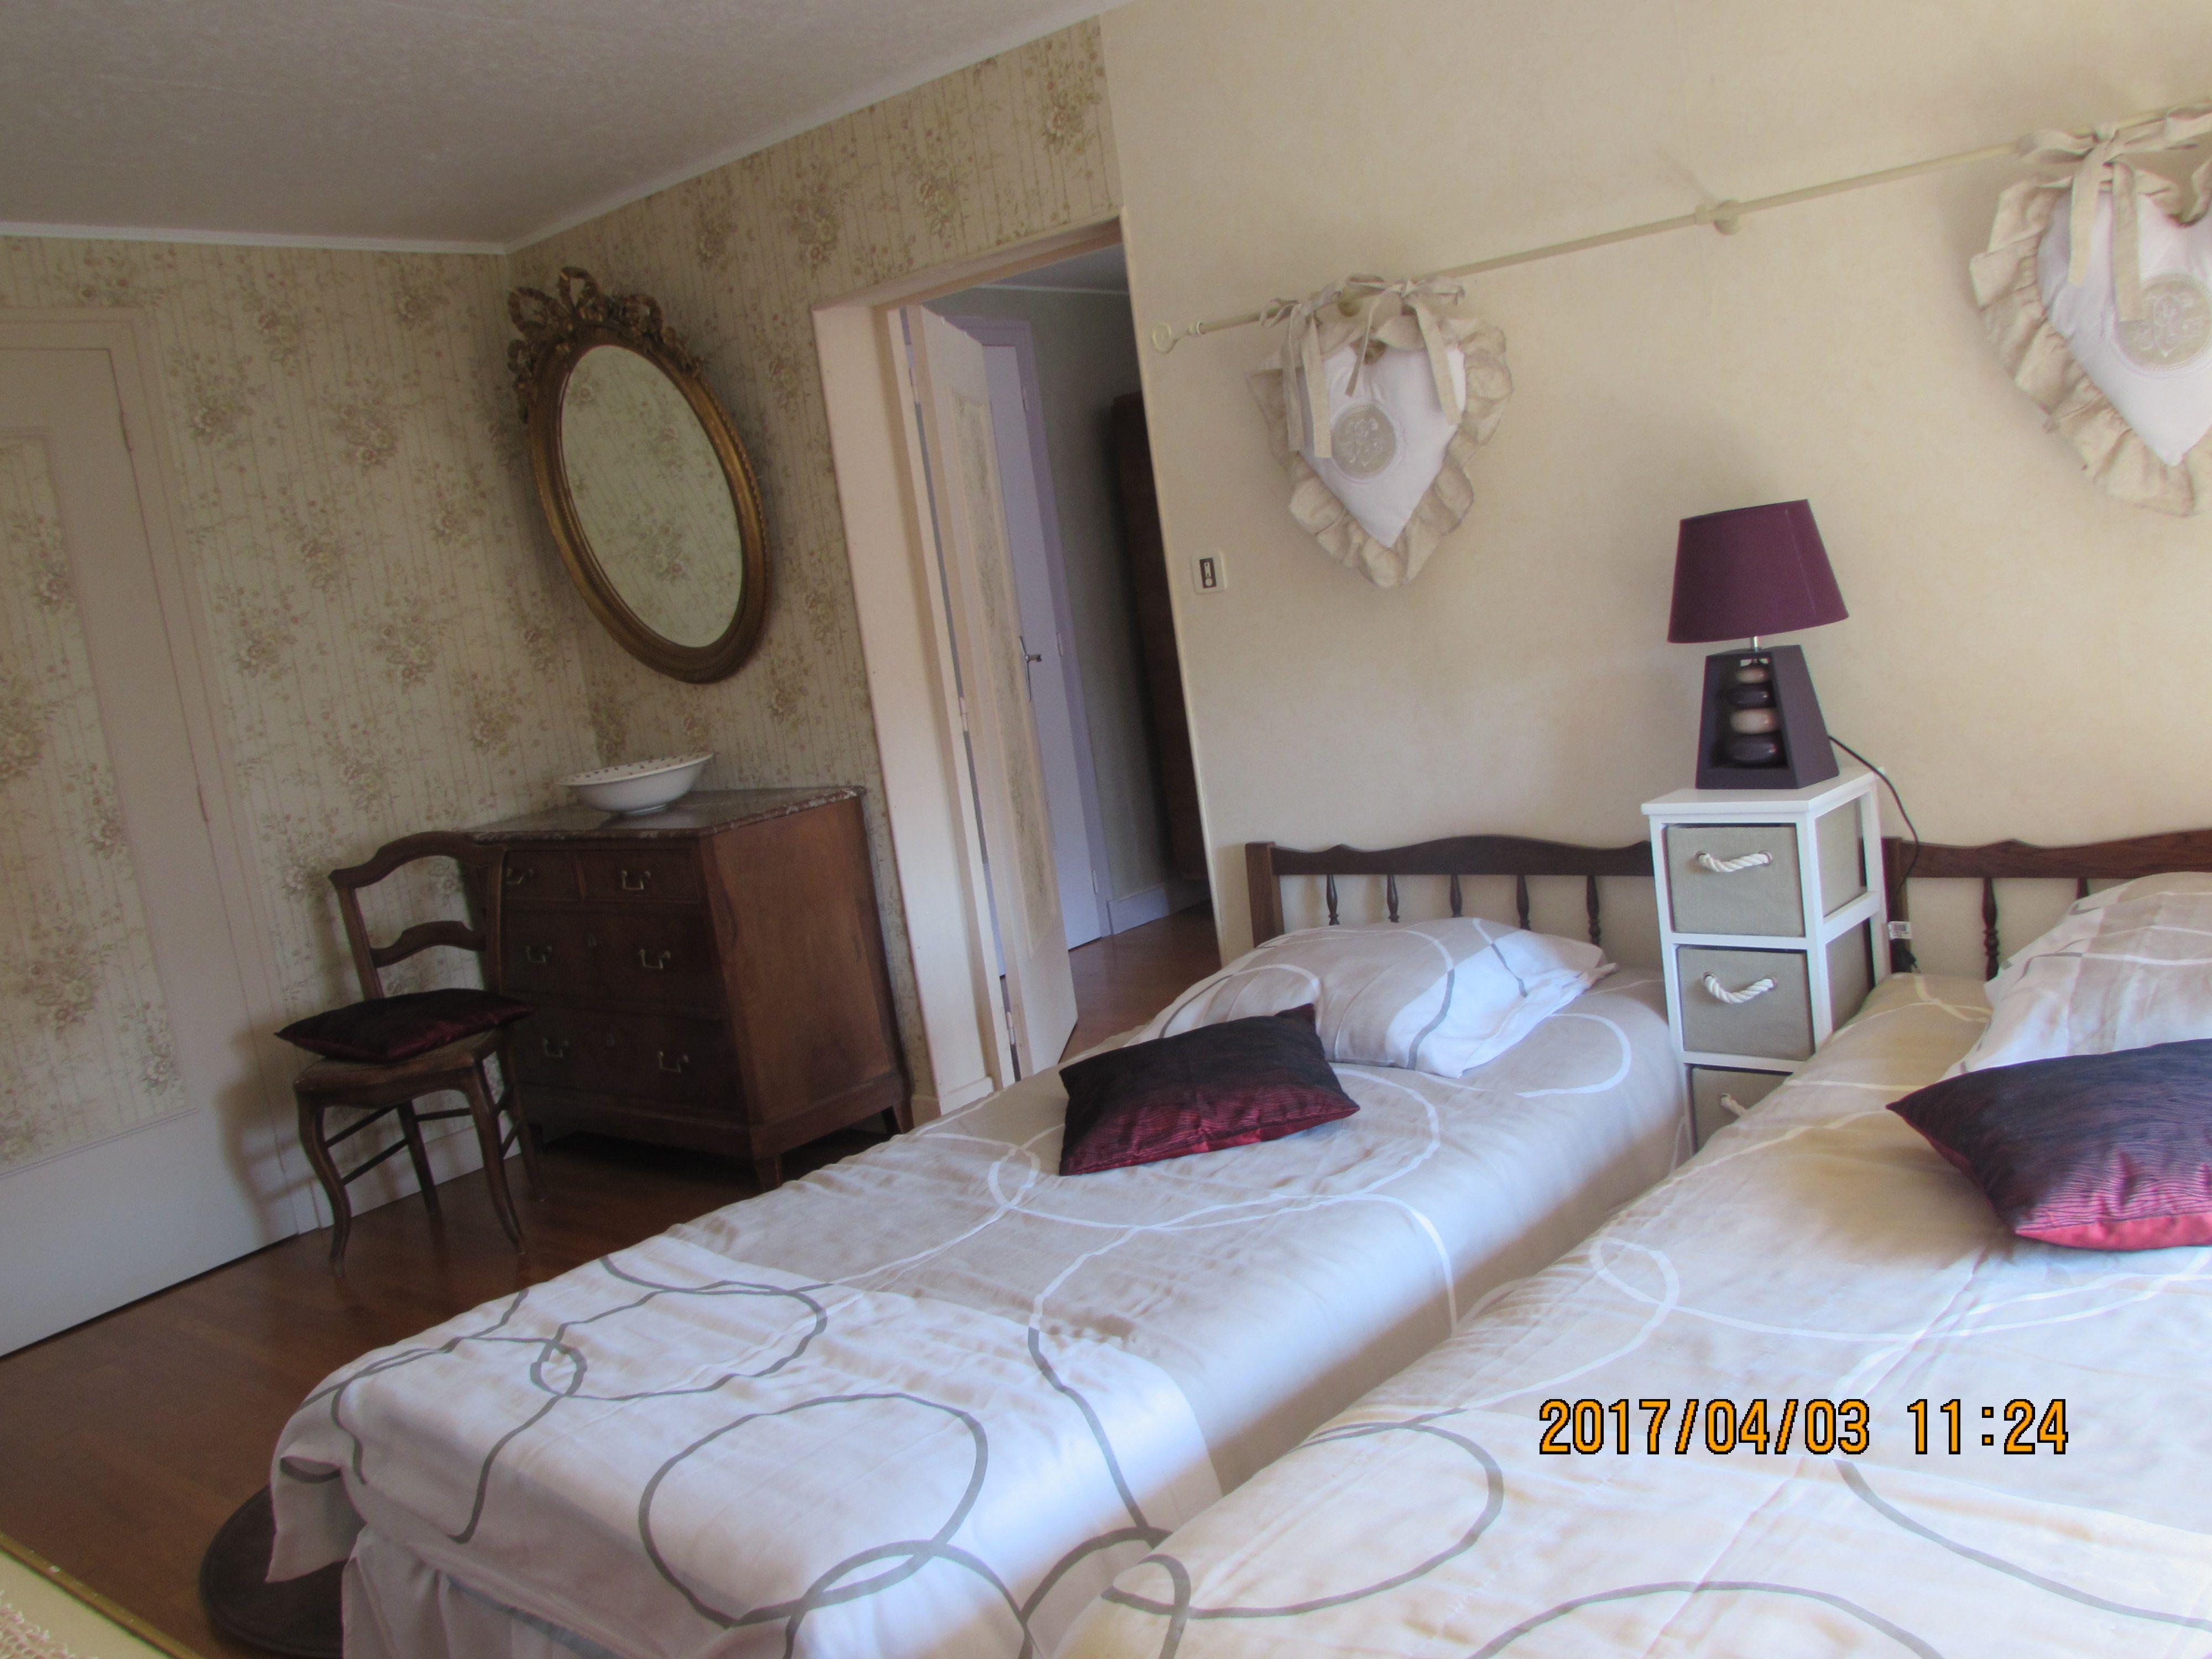 2ème chambre deux lits 1 personne 90cm (plus dressing)